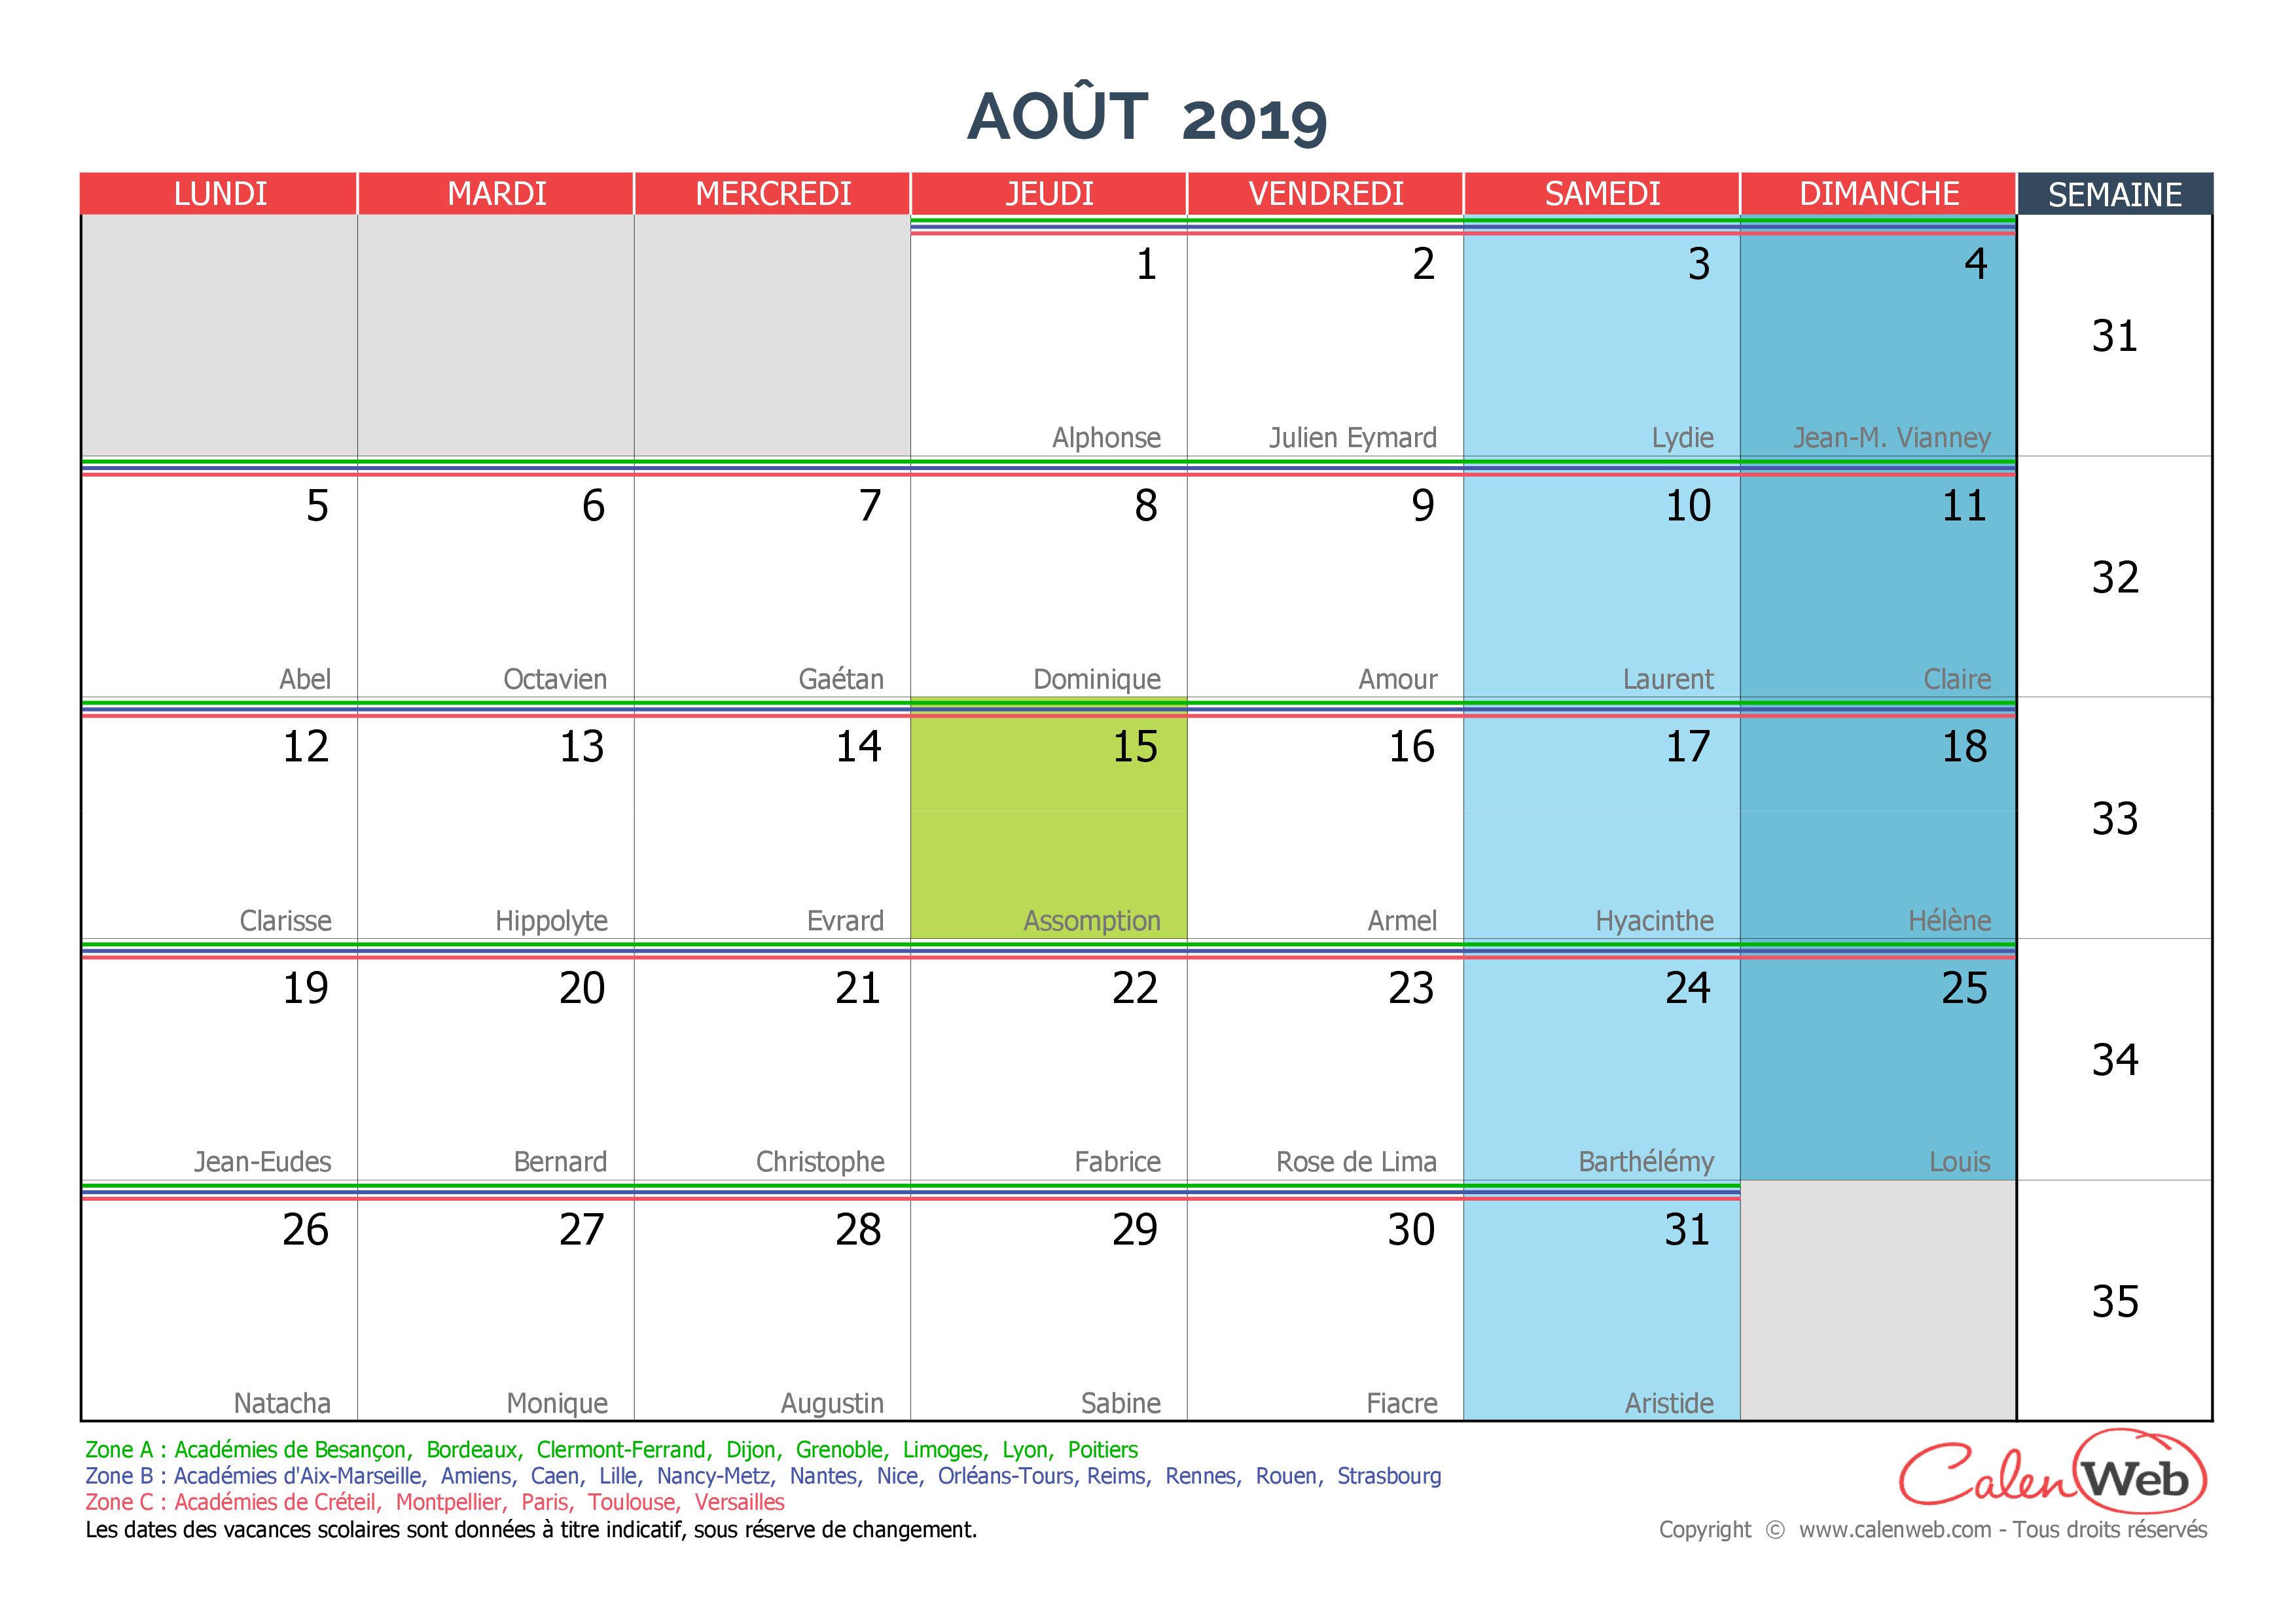 Calendrier Mensuel - Mois D'août 2019 Avec Fêtes, Jours intérieur Calendrier 2019 Avec Jours Fériés Vacances Scolaires À Imprimer